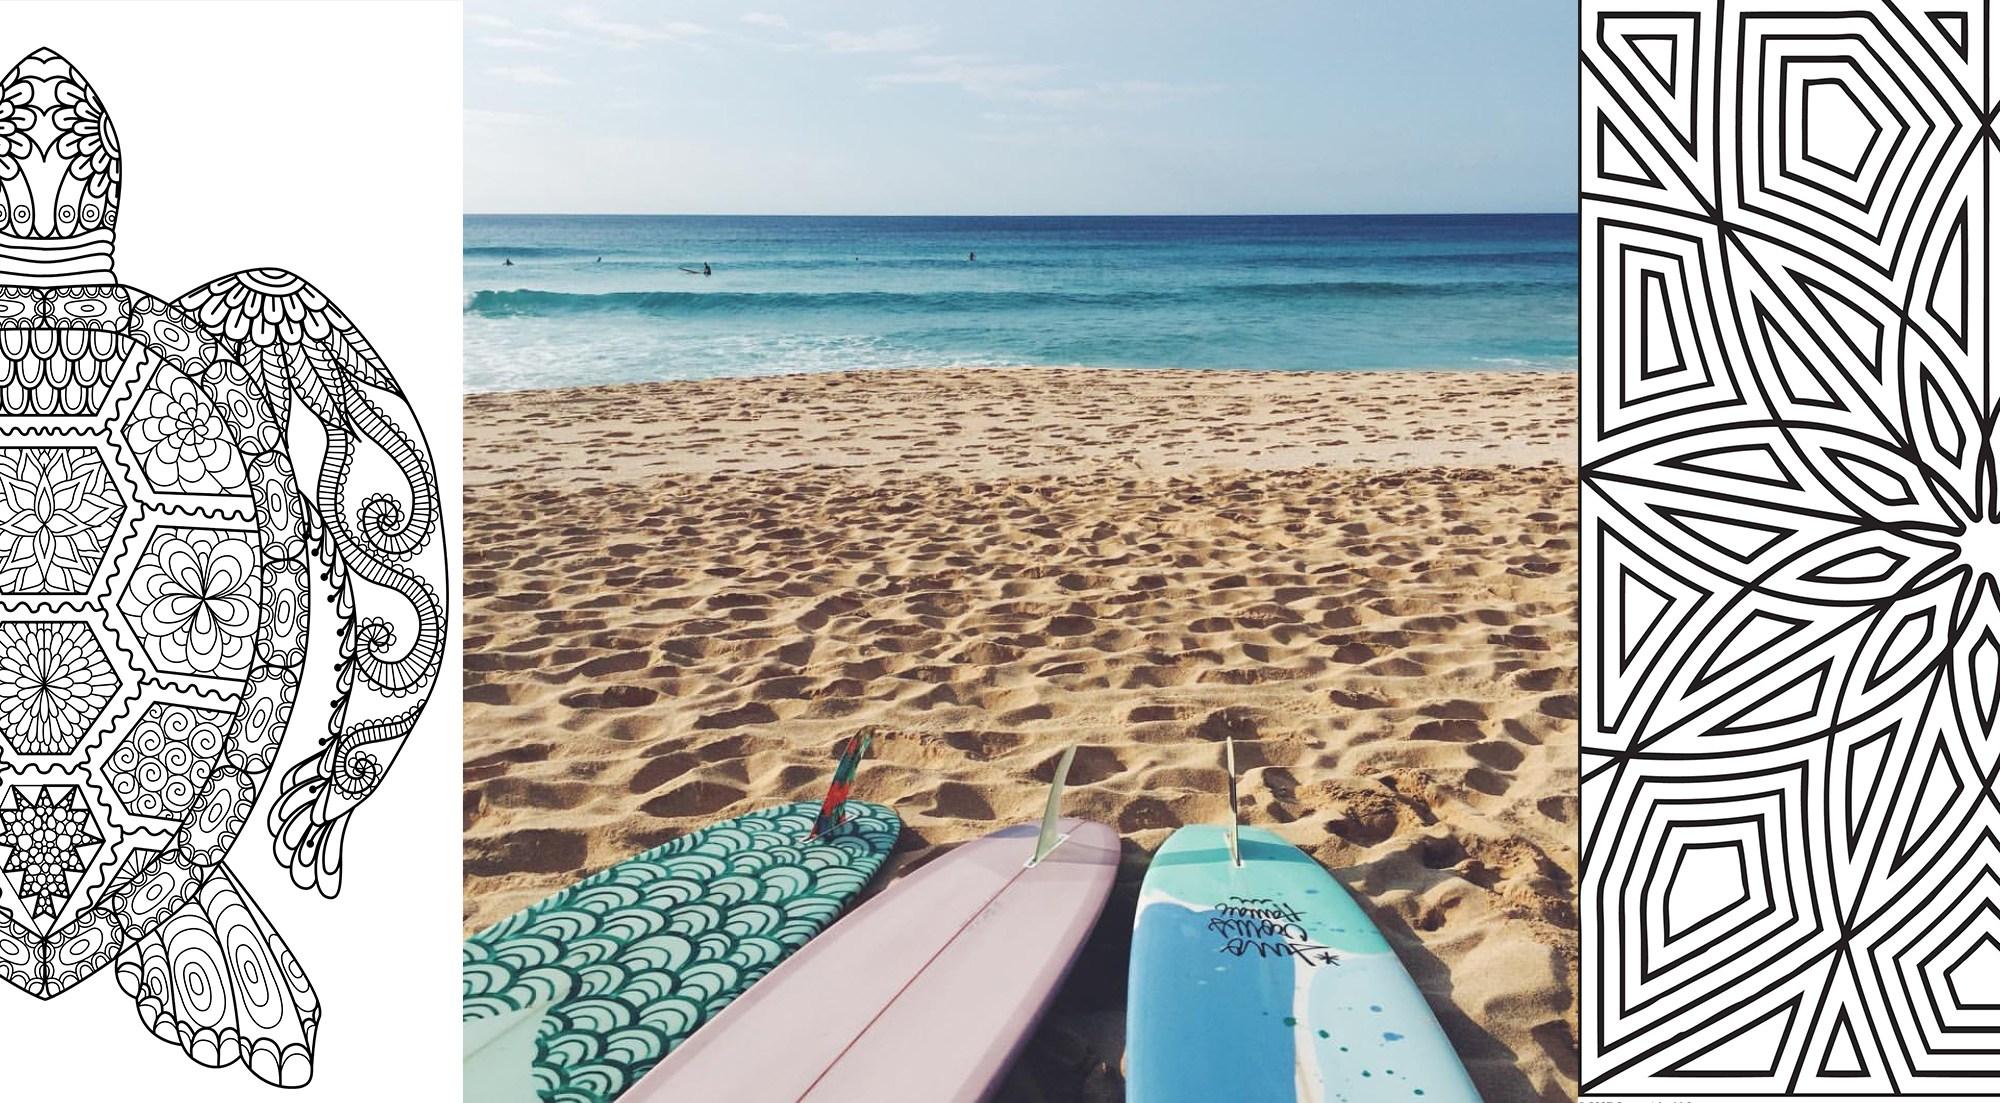 sprzęt surfingowy